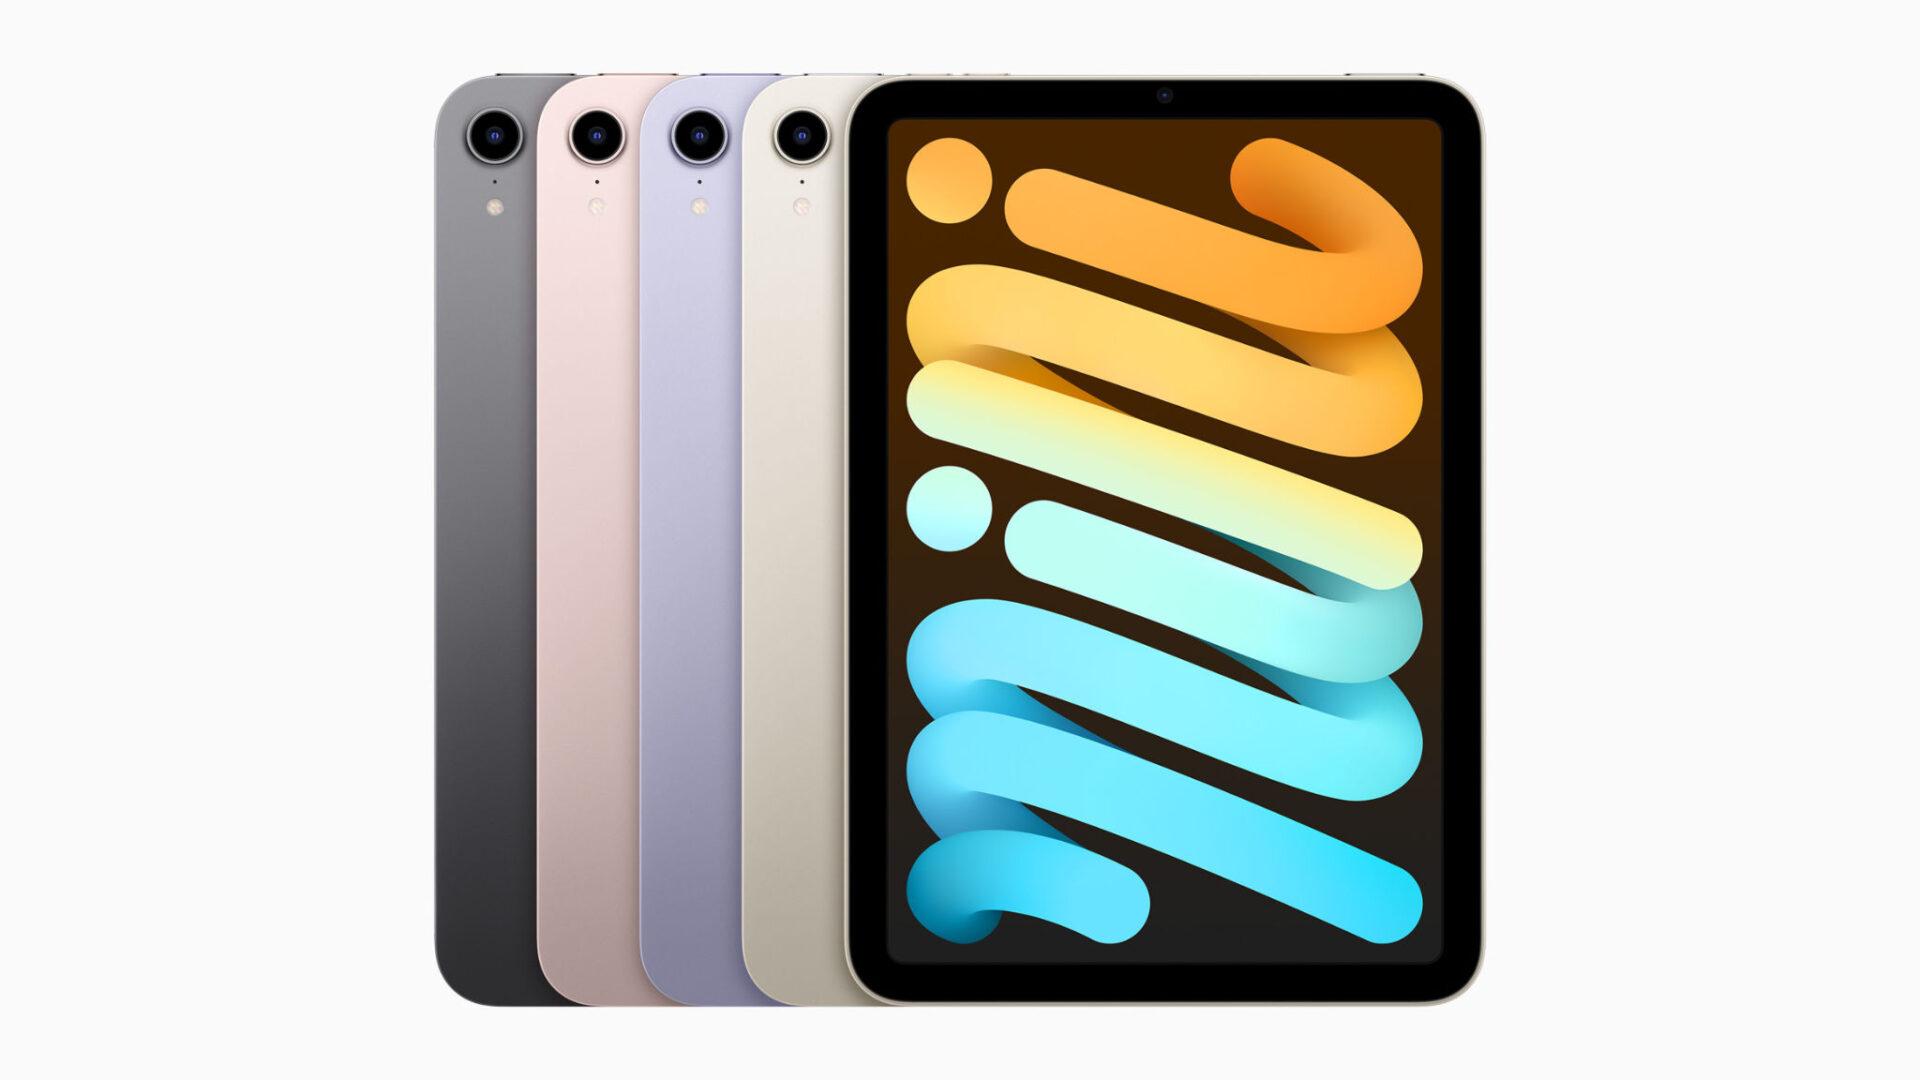 Apple ra mắt iPad mini 6: Thiết kế mới, nhiều màu, Apple Pencil, $499